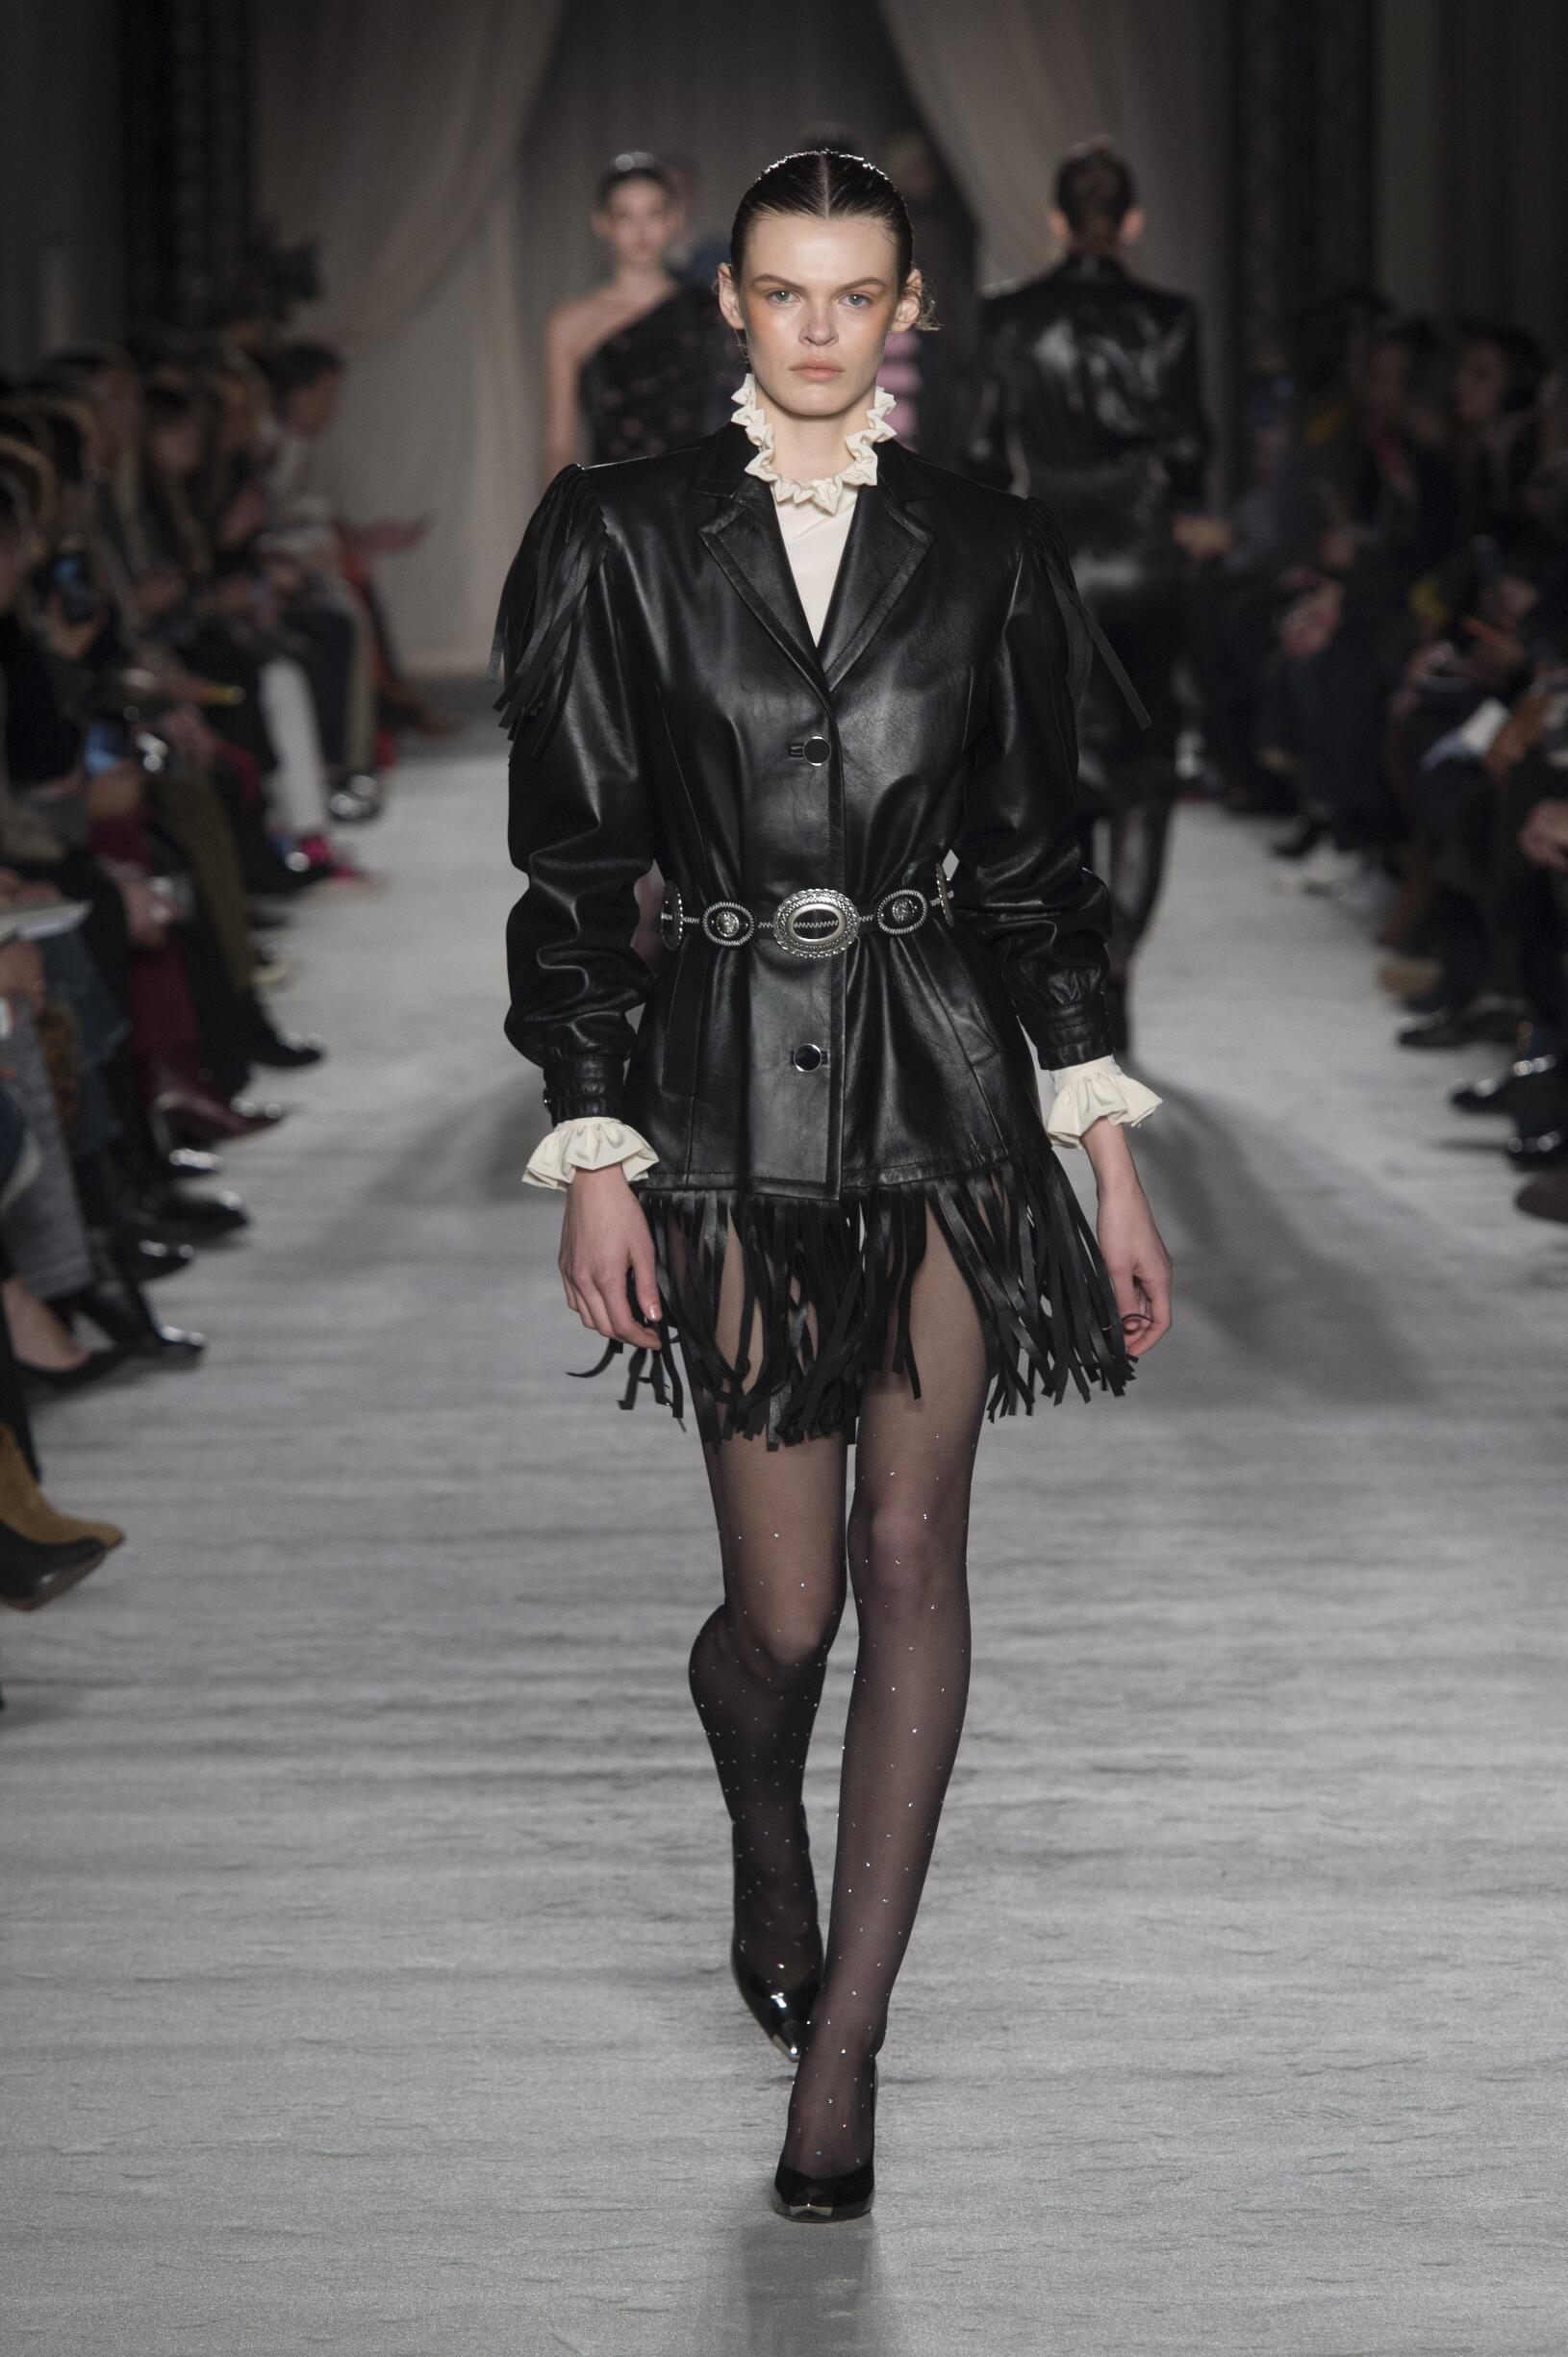 Womenswear FW Philosophy di Lorenzo Serafini 2018-19